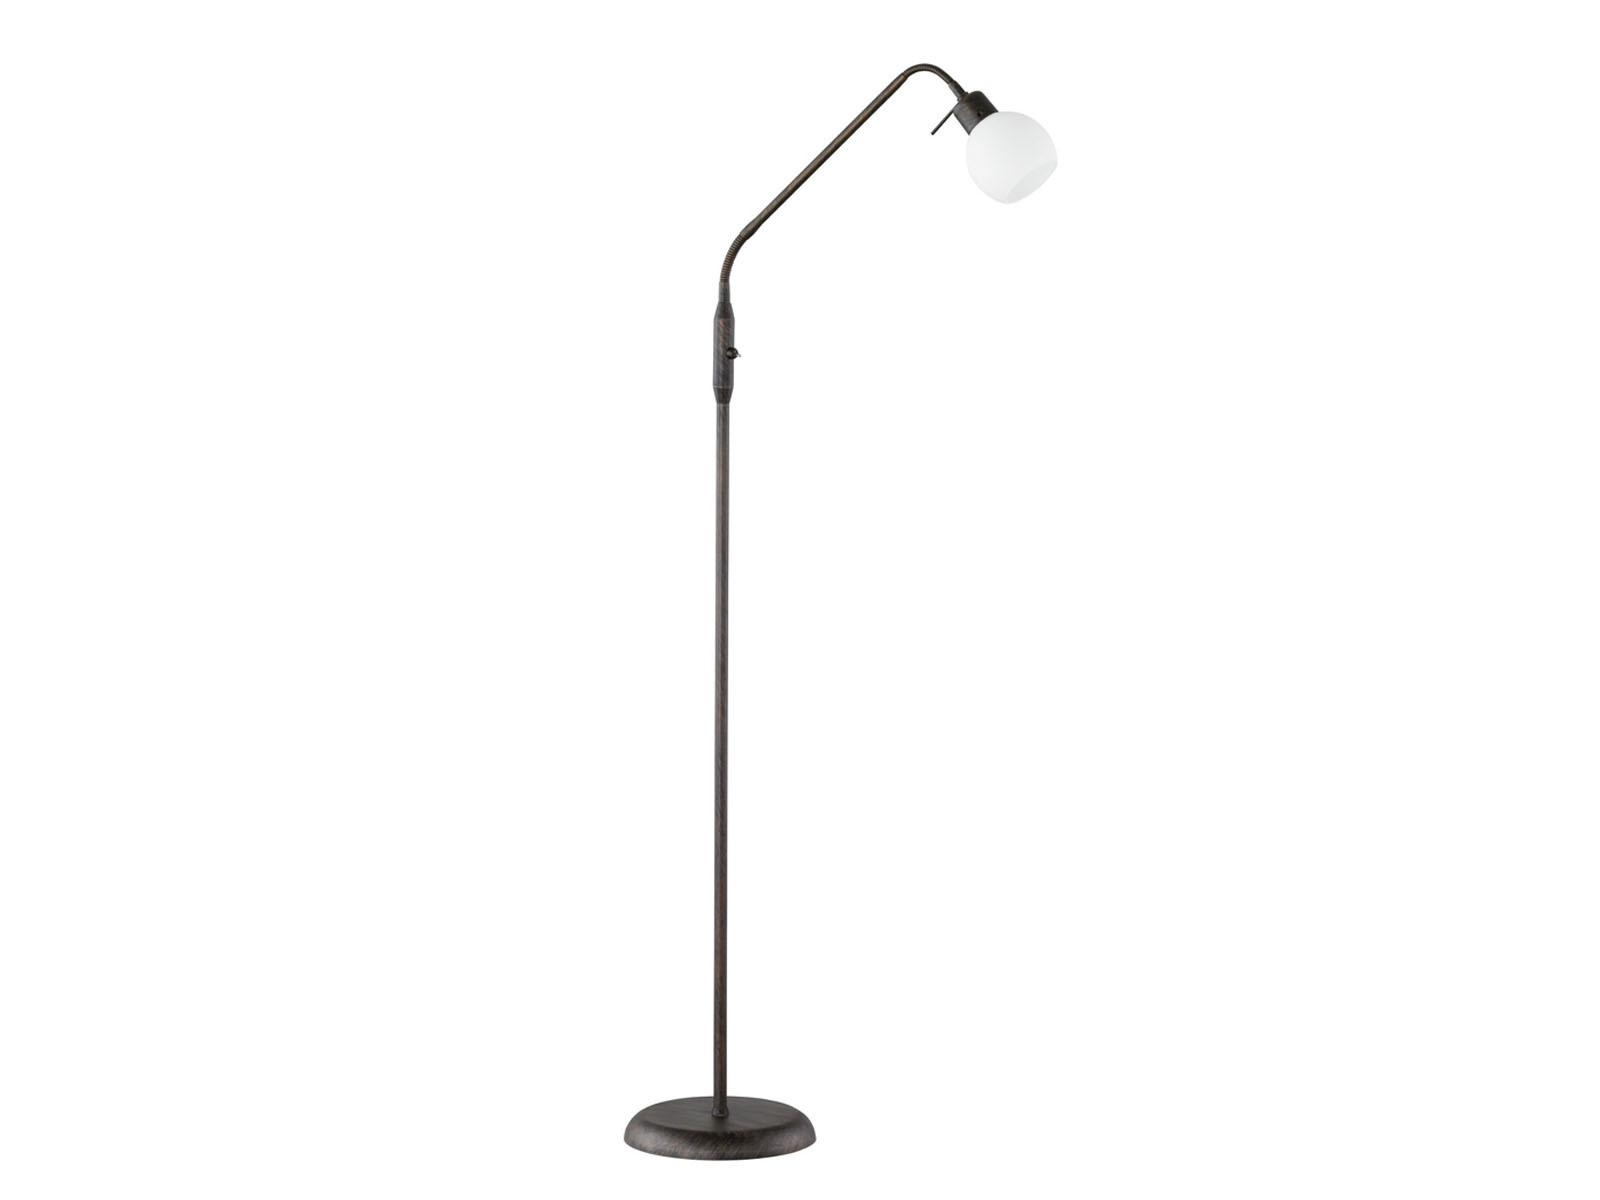 led stehlampe leselampe flexibel rost antik glas wei stehleuchte landhaus ebay. Black Bedroom Furniture Sets. Home Design Ideas